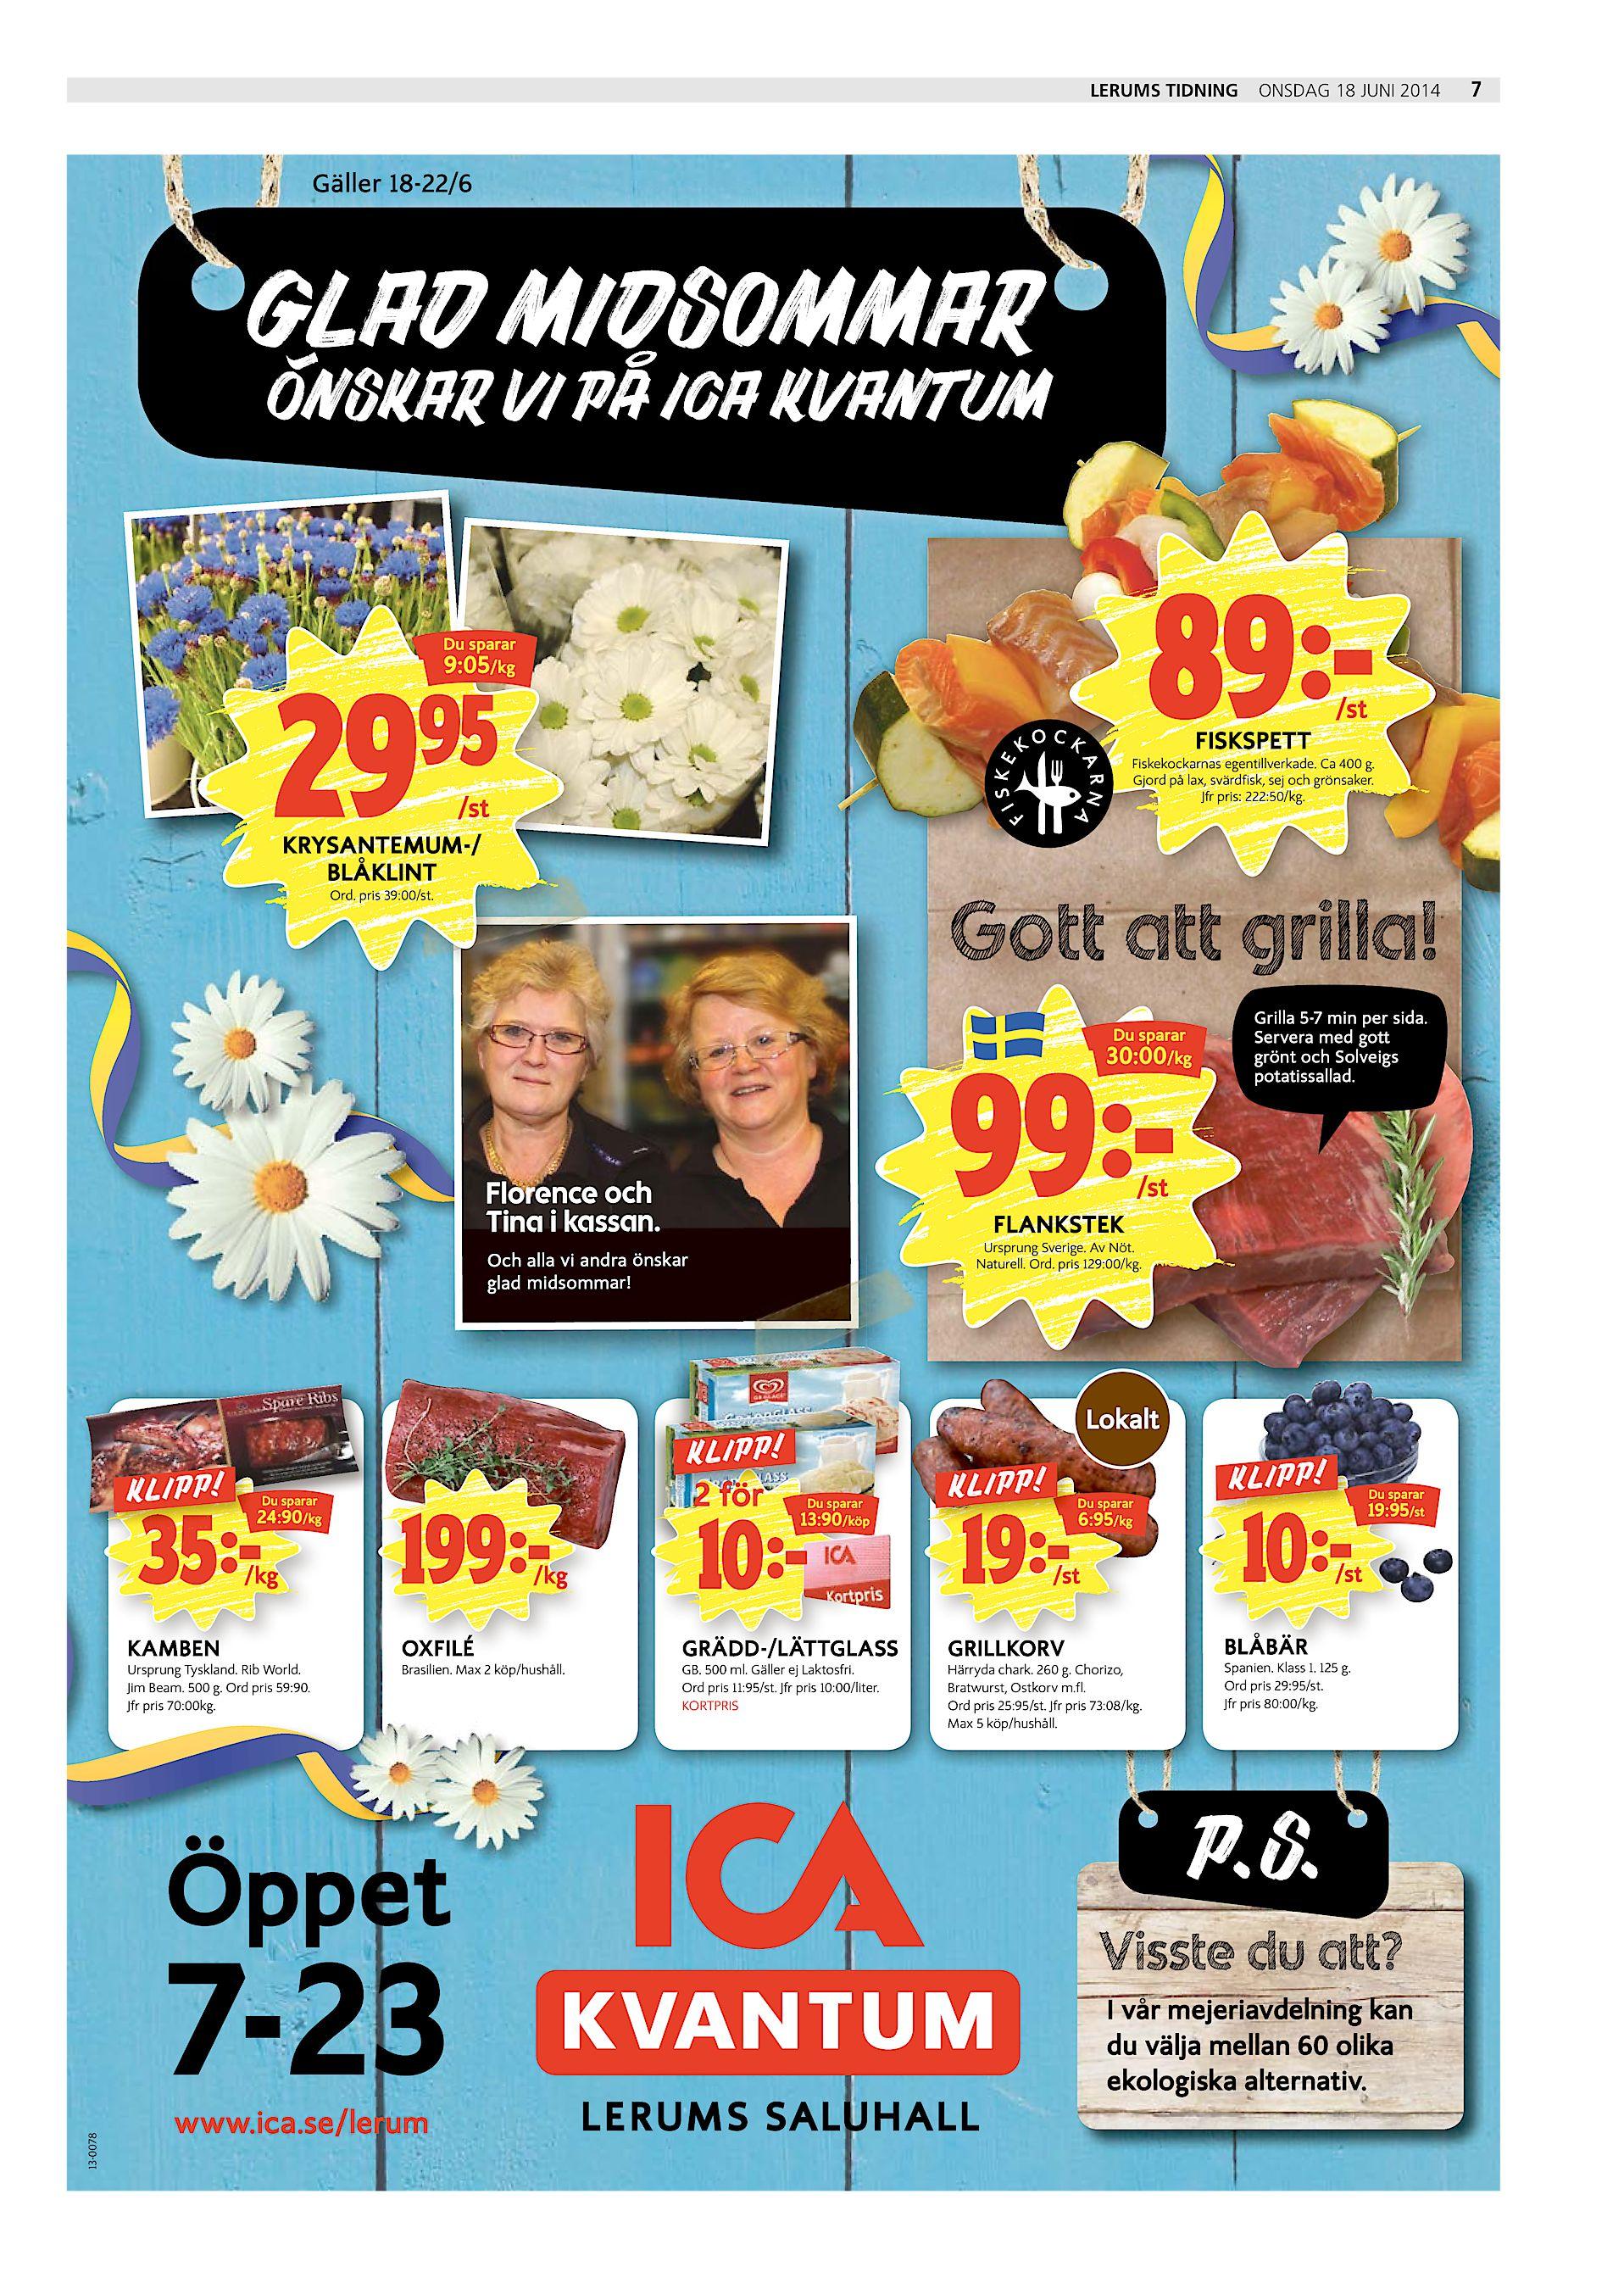 new product d334b 0ba6b Lerums Tidning onsdag 18 juni 2014 Gäller 18-22 6 GLAD MIDSOMMAR ÖNSKAR VI  PÅ ICA KVANTUM 89 - Du sparar 9 05 kg 29)%  st FISKSPETT Fiskekockarnas ...